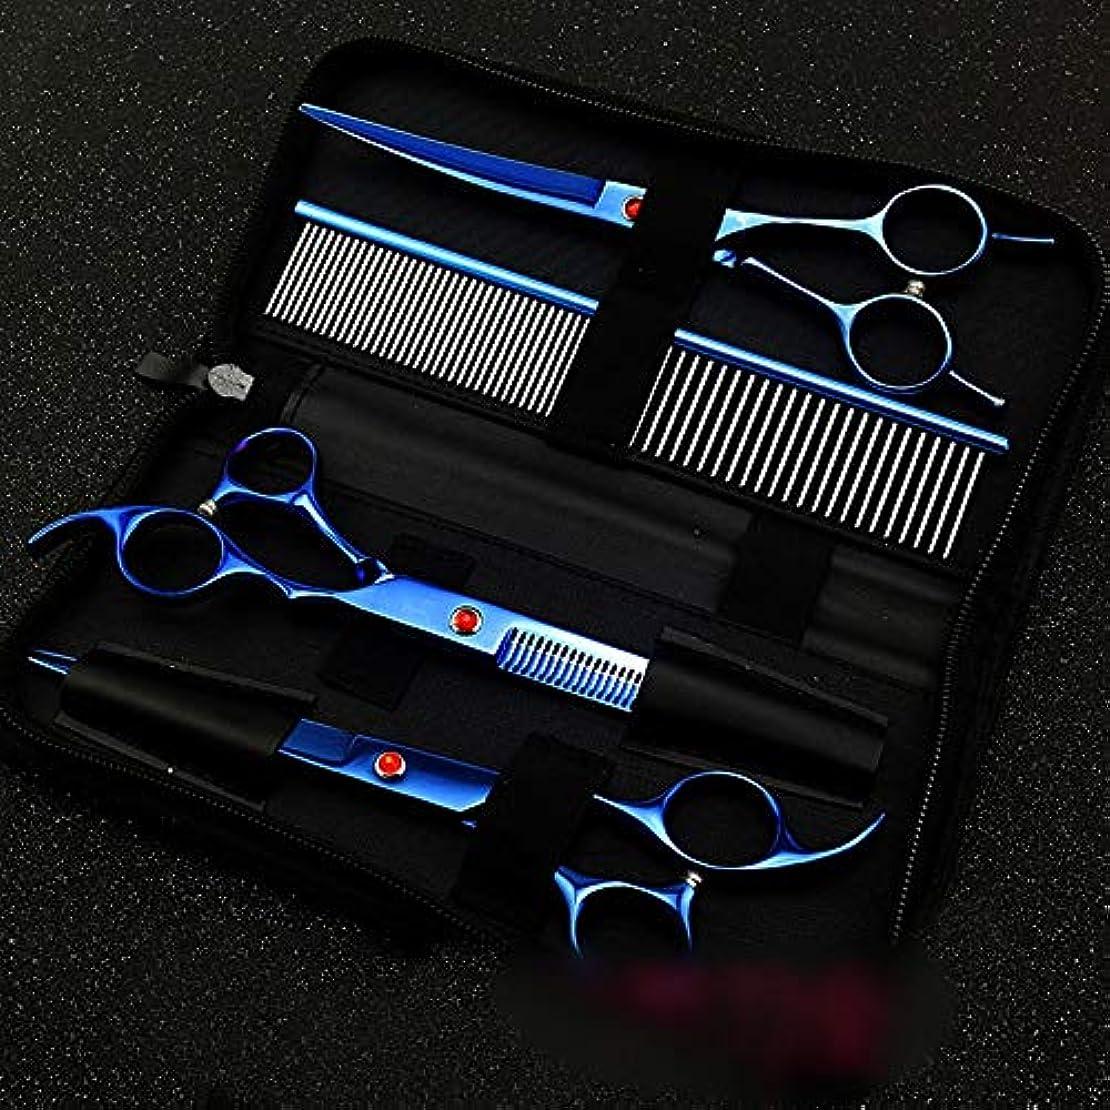 量で直面する被るHairdressing 7.0インチブルー電気メッキ3パック、ペットグルーミングはさみストレートカットカーブハサミセット送信青い列くし毛切断鋏ステンレス理髪はさみ (色 : 青)